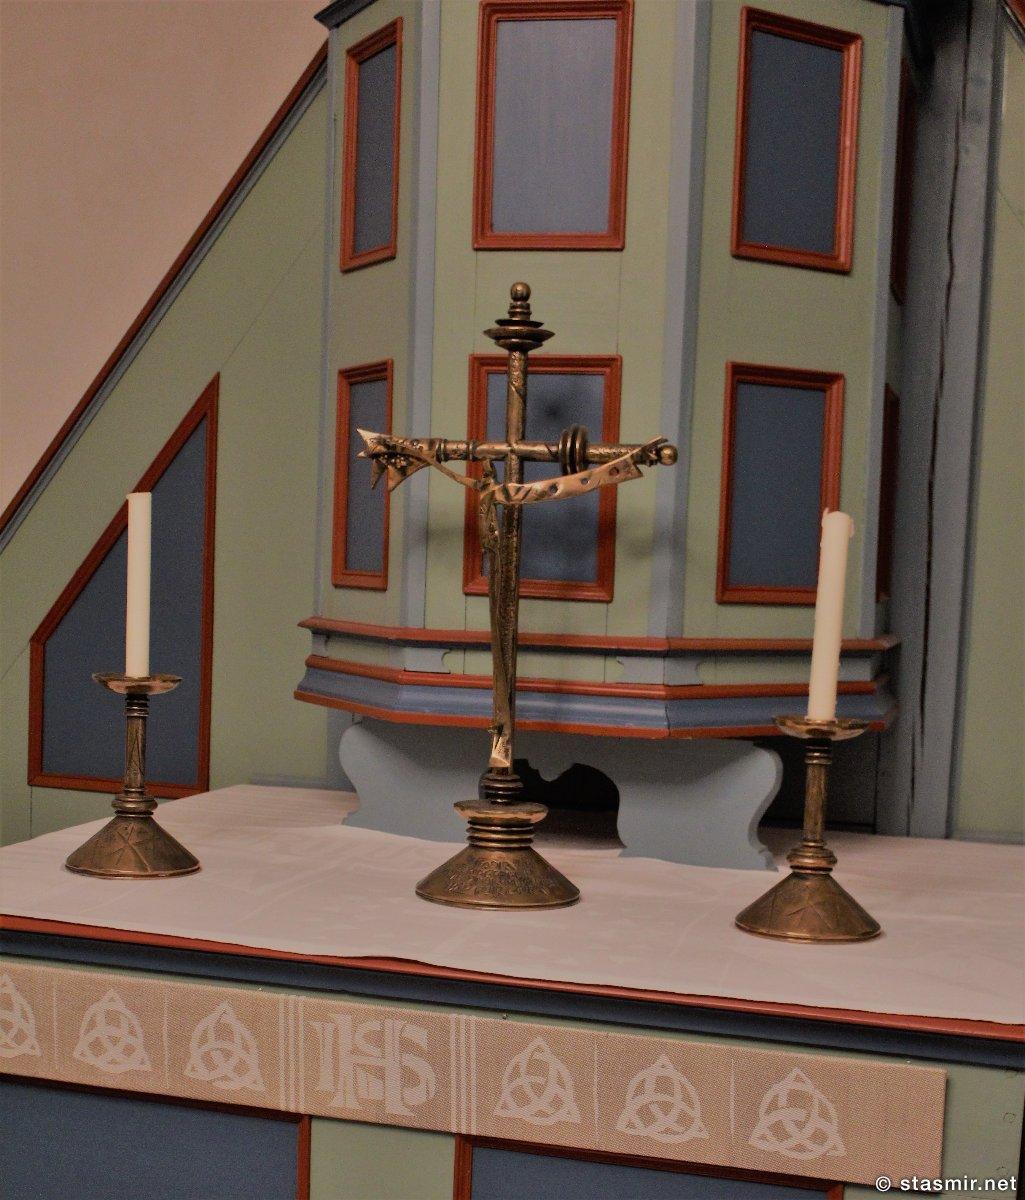 кельтский знак тринкета внутри церкви Видейаркирха, Viðeyjarkirkja, рядом с башней Imagine Peace Tower на острове Viðey рядом в Рекьявиком, Фото Стасмир, photo Stasmir